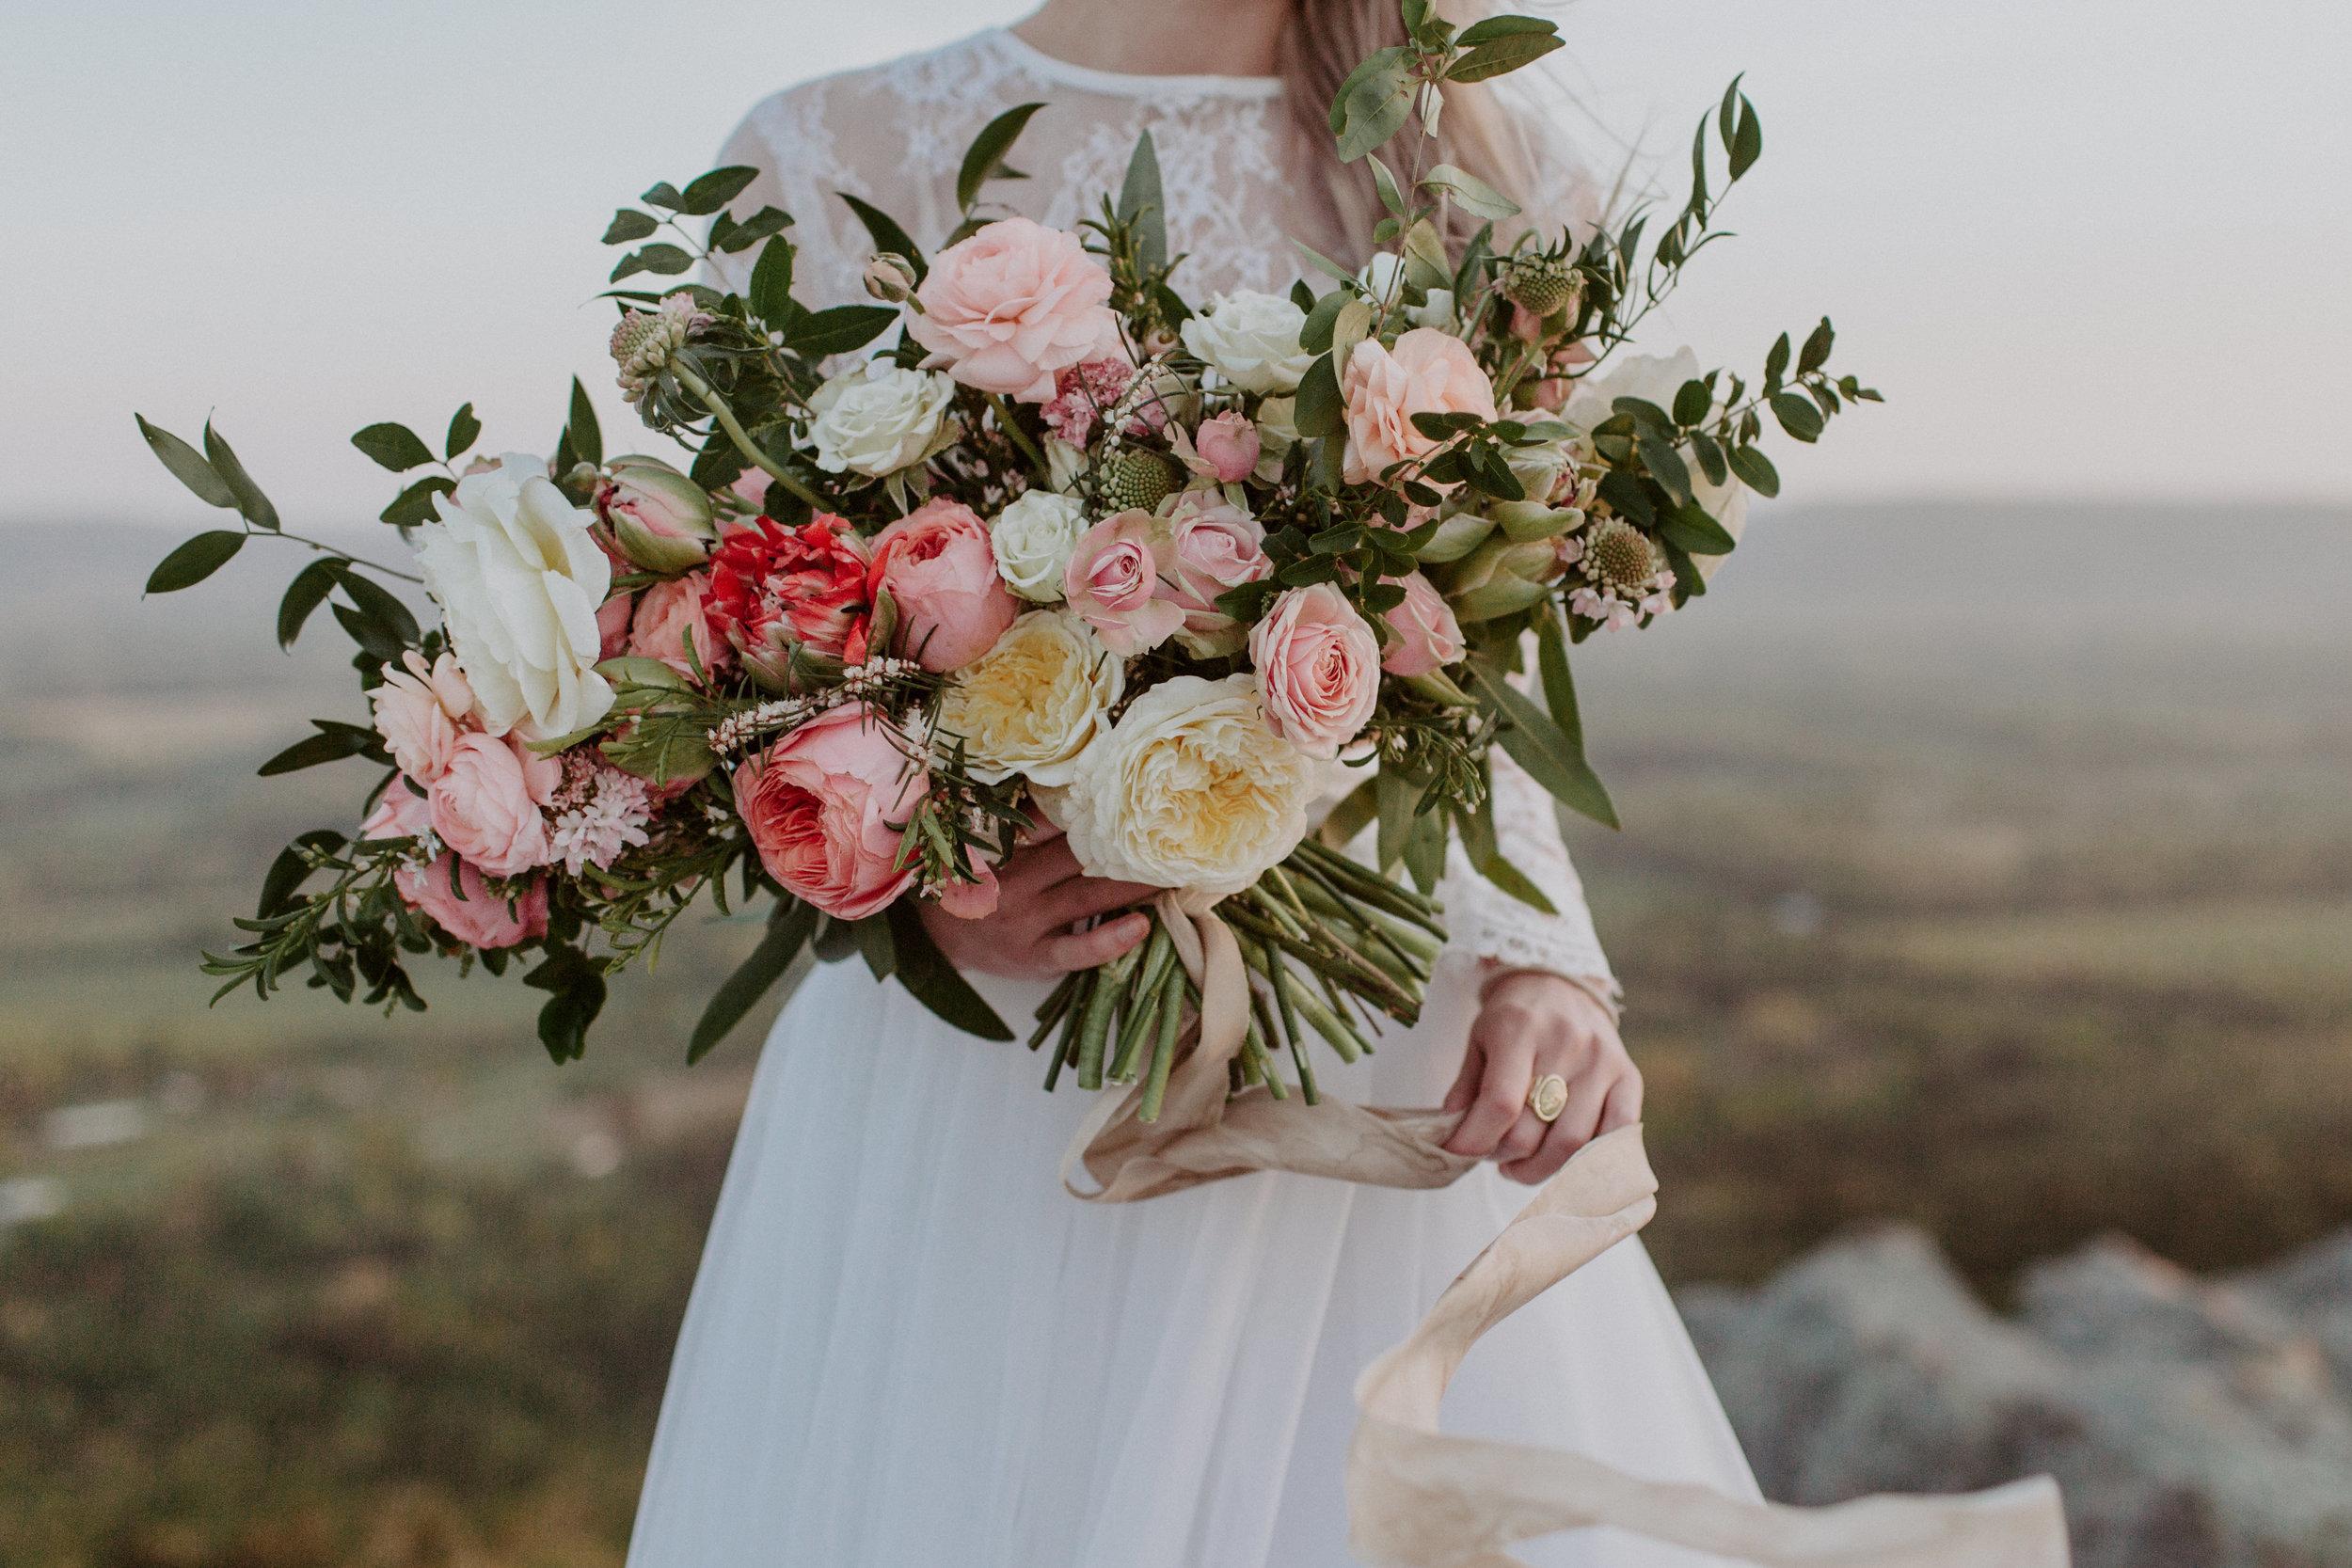 jessica-zimmerman-arkansas-florist-organic-bouquet-pale-pink.jpg